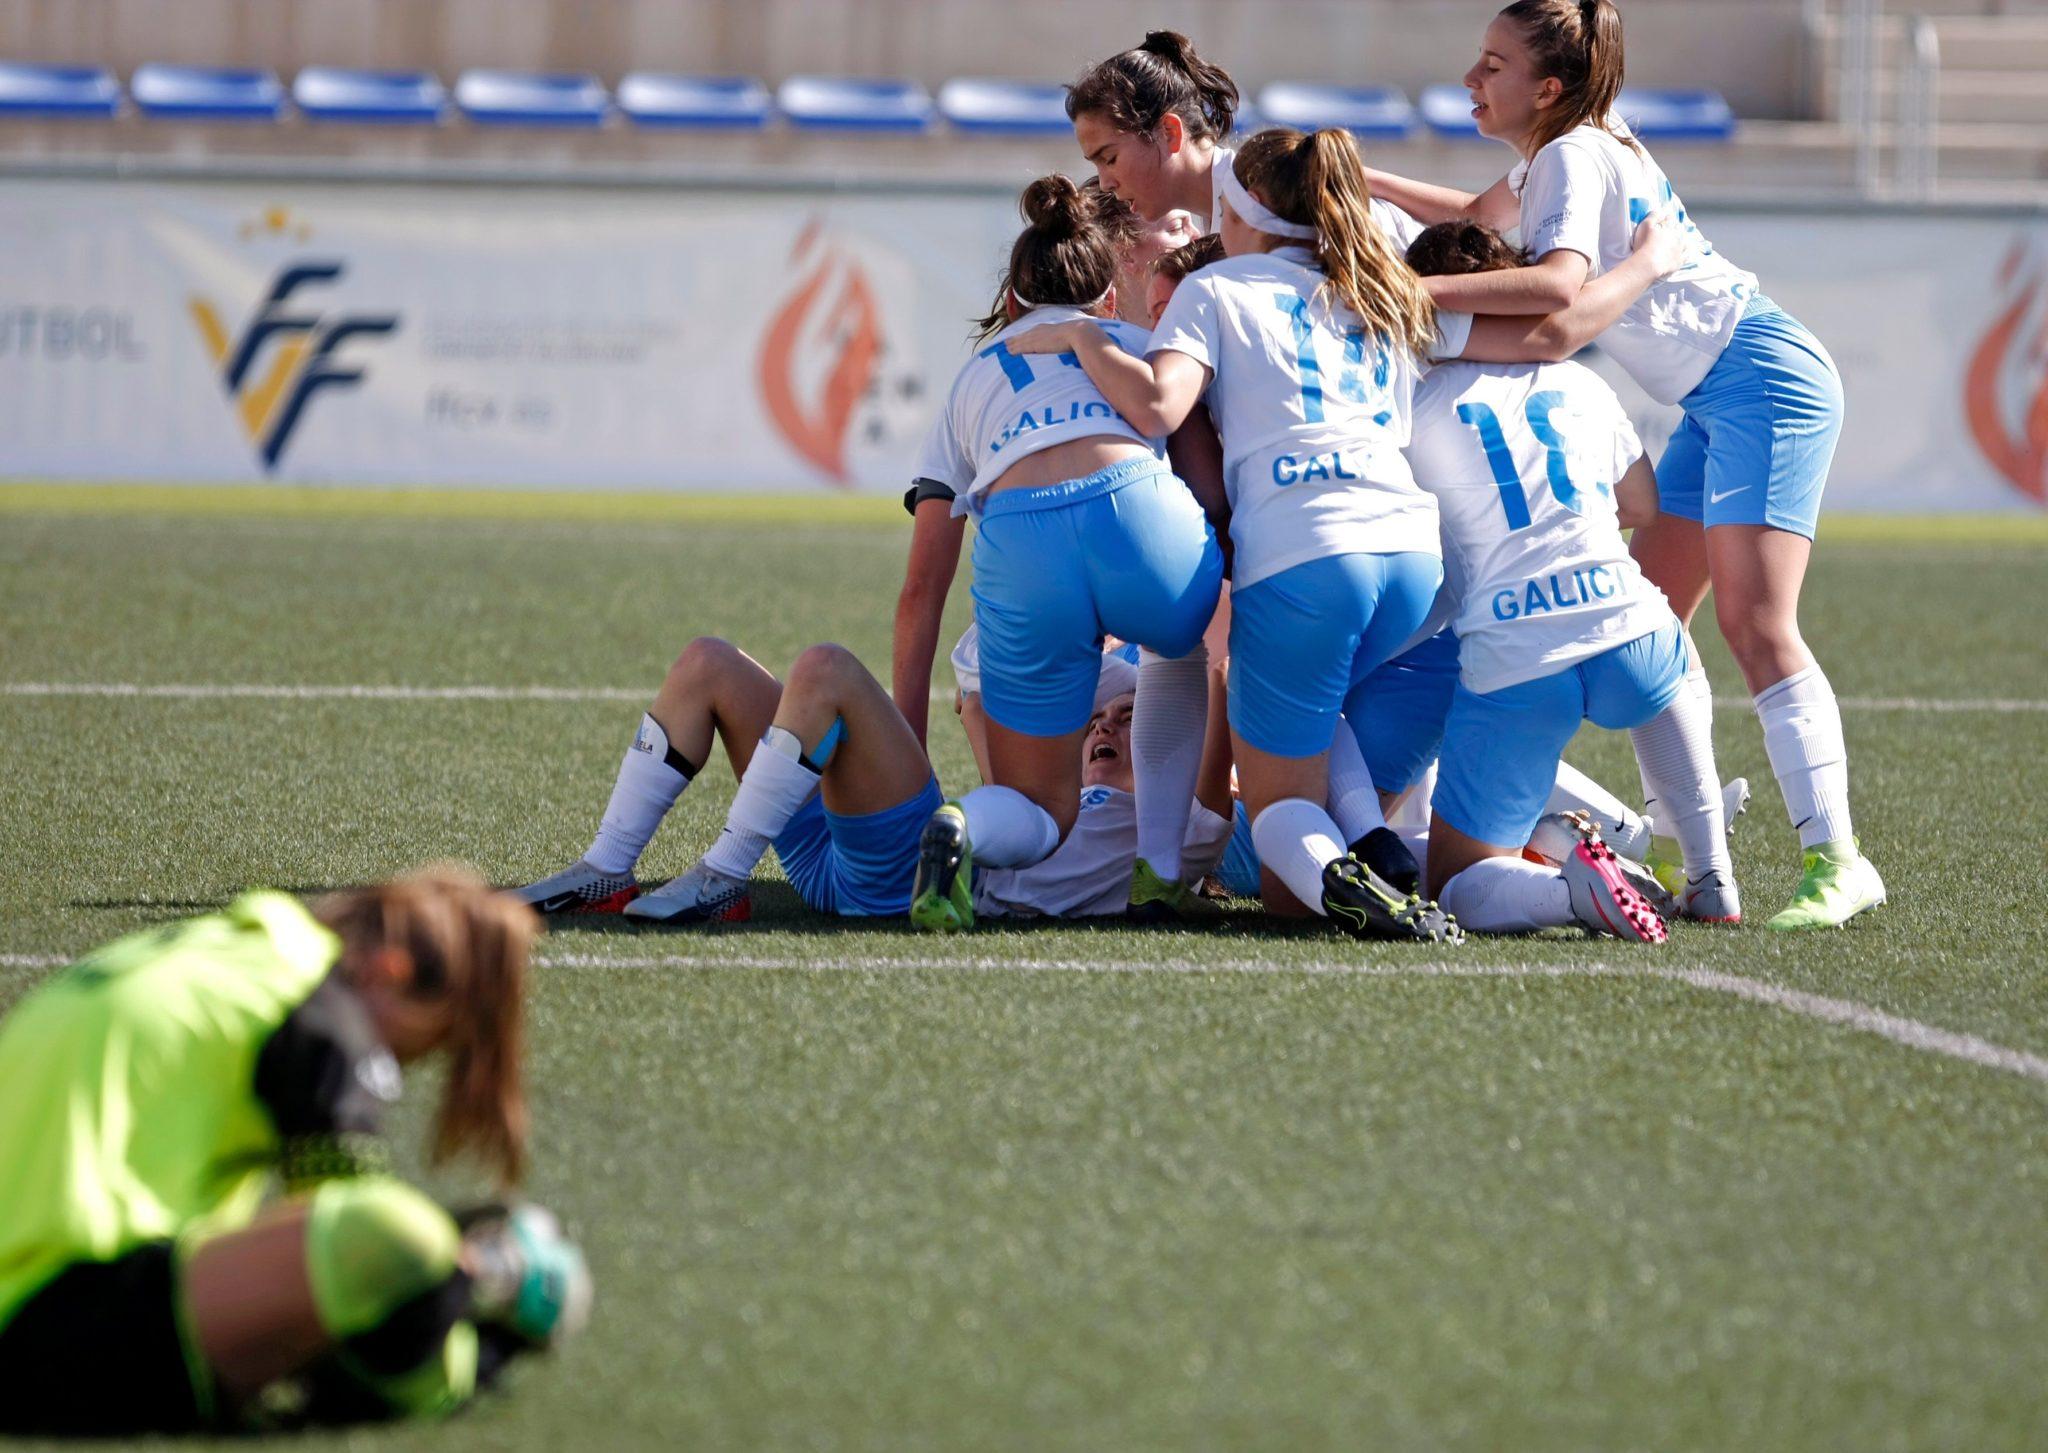 sub17-selección-galega-contra-Murcia